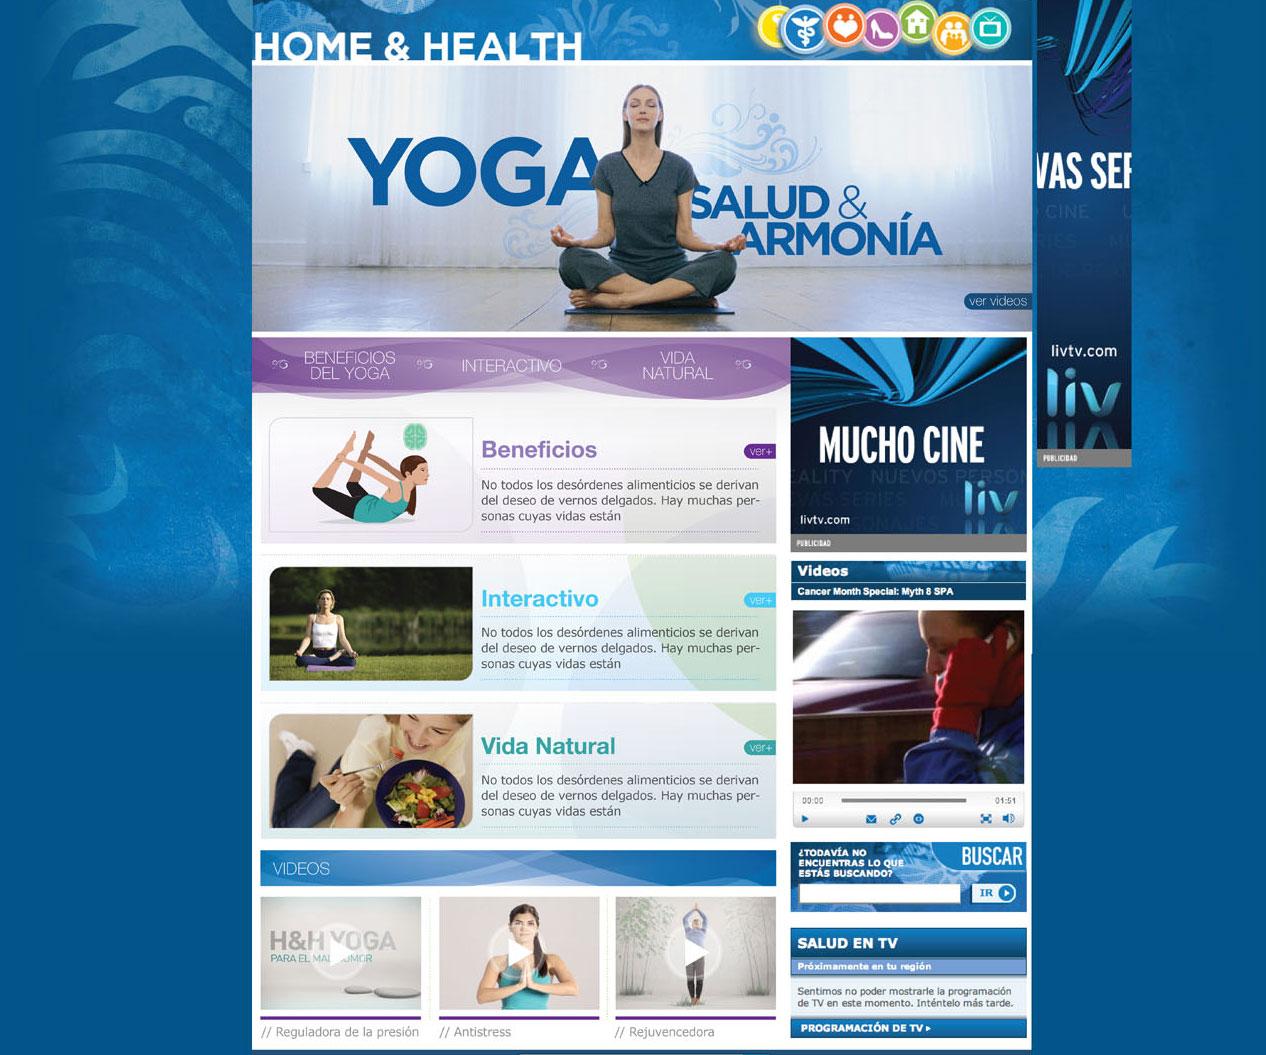 YOGA HOME PAGE